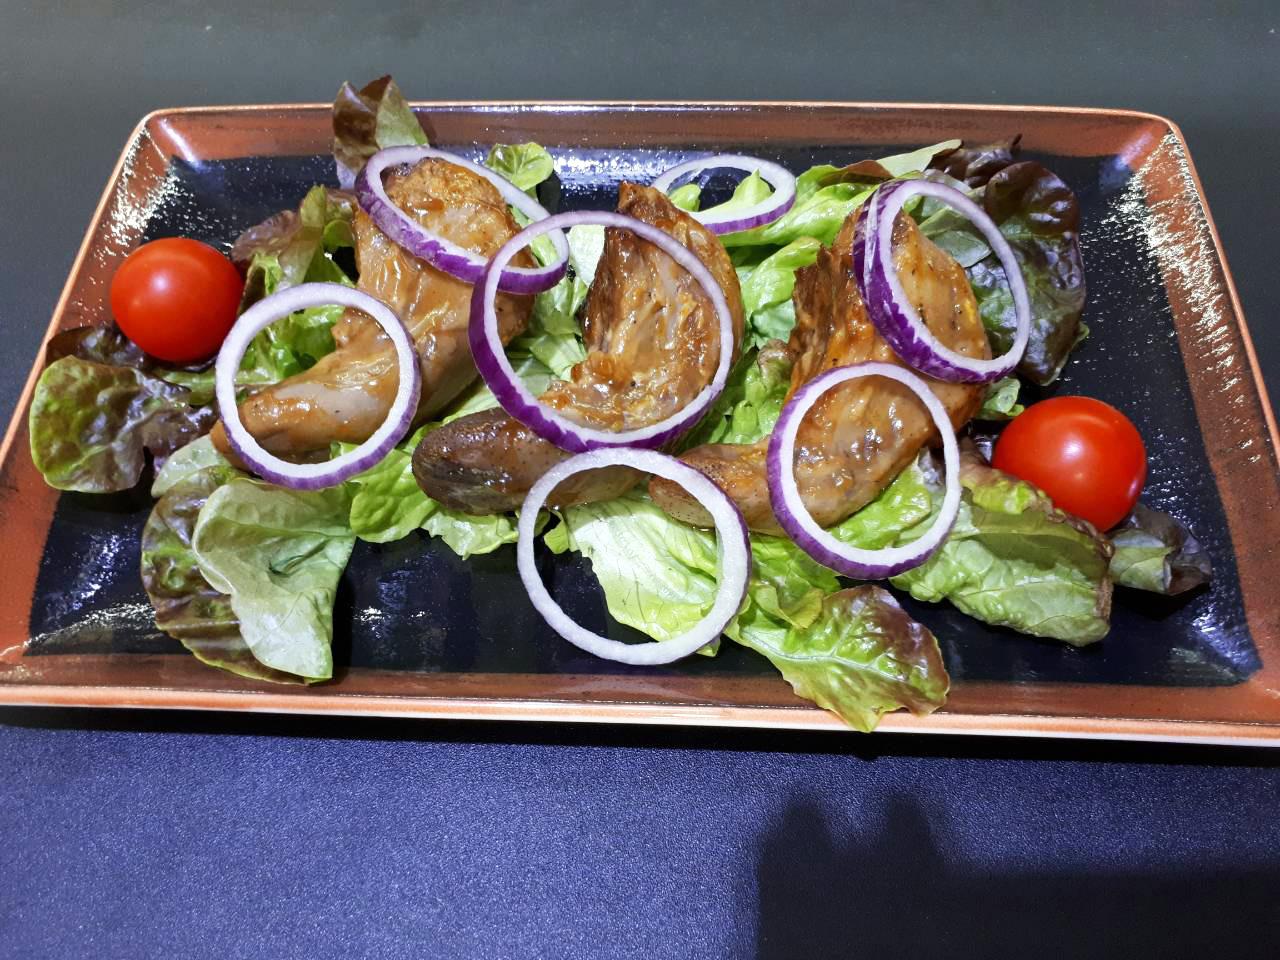 Шашлык из языка баранины в ресторане Аннам Брахма в Оренбурге